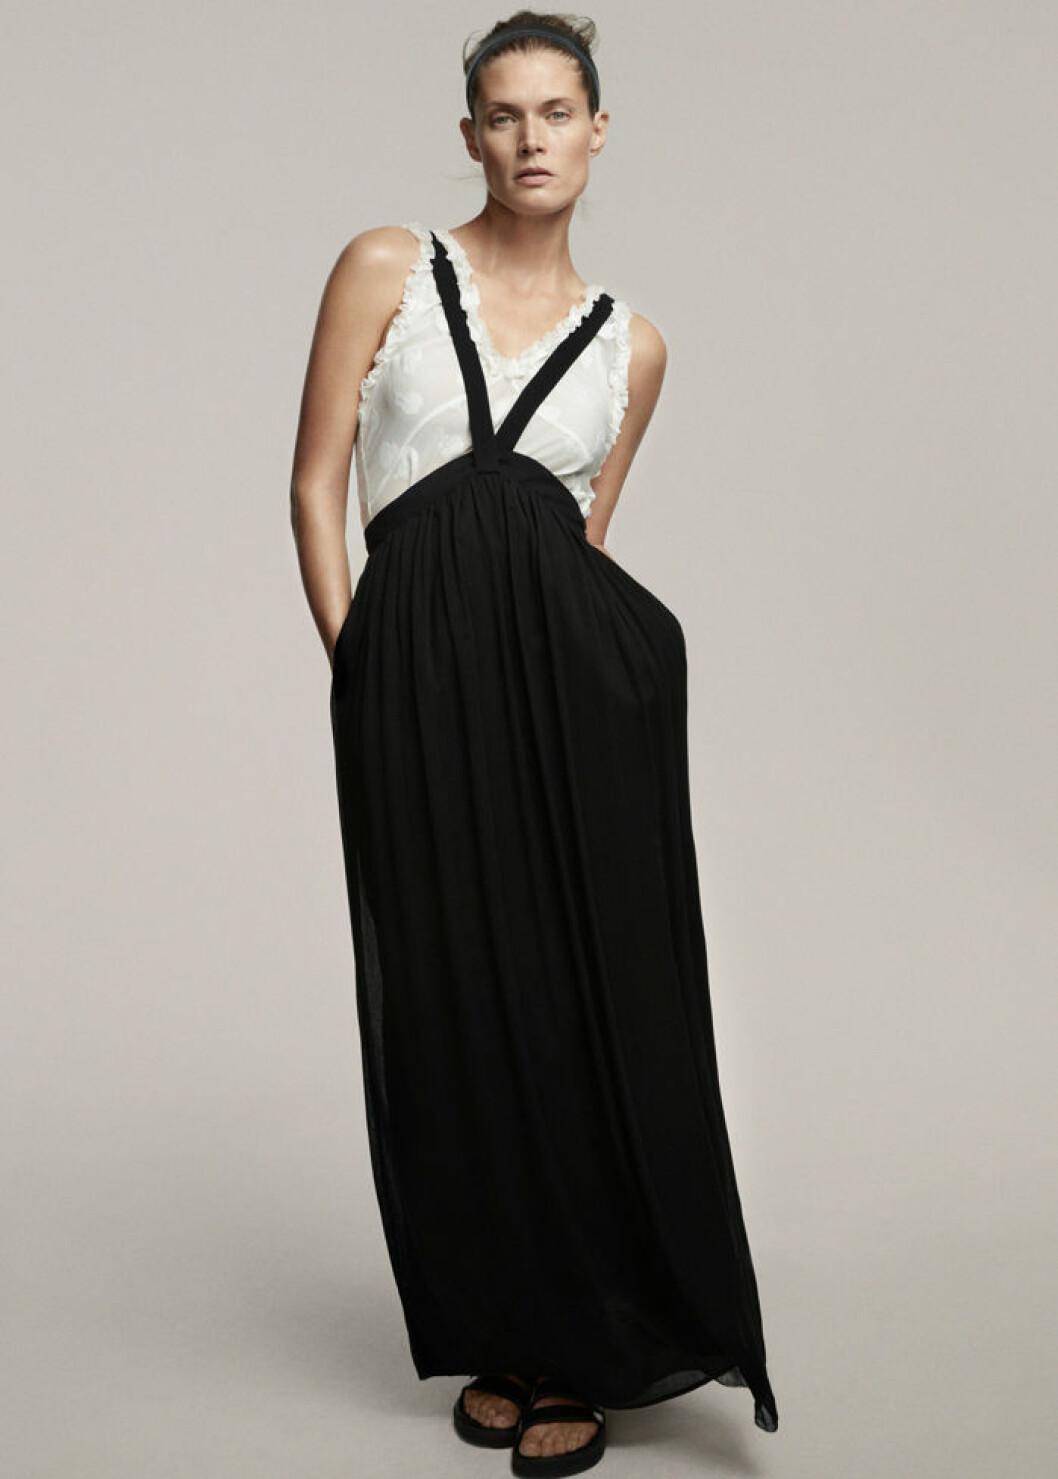 HM-Studio--women---Teaser-Lookbook-(10)